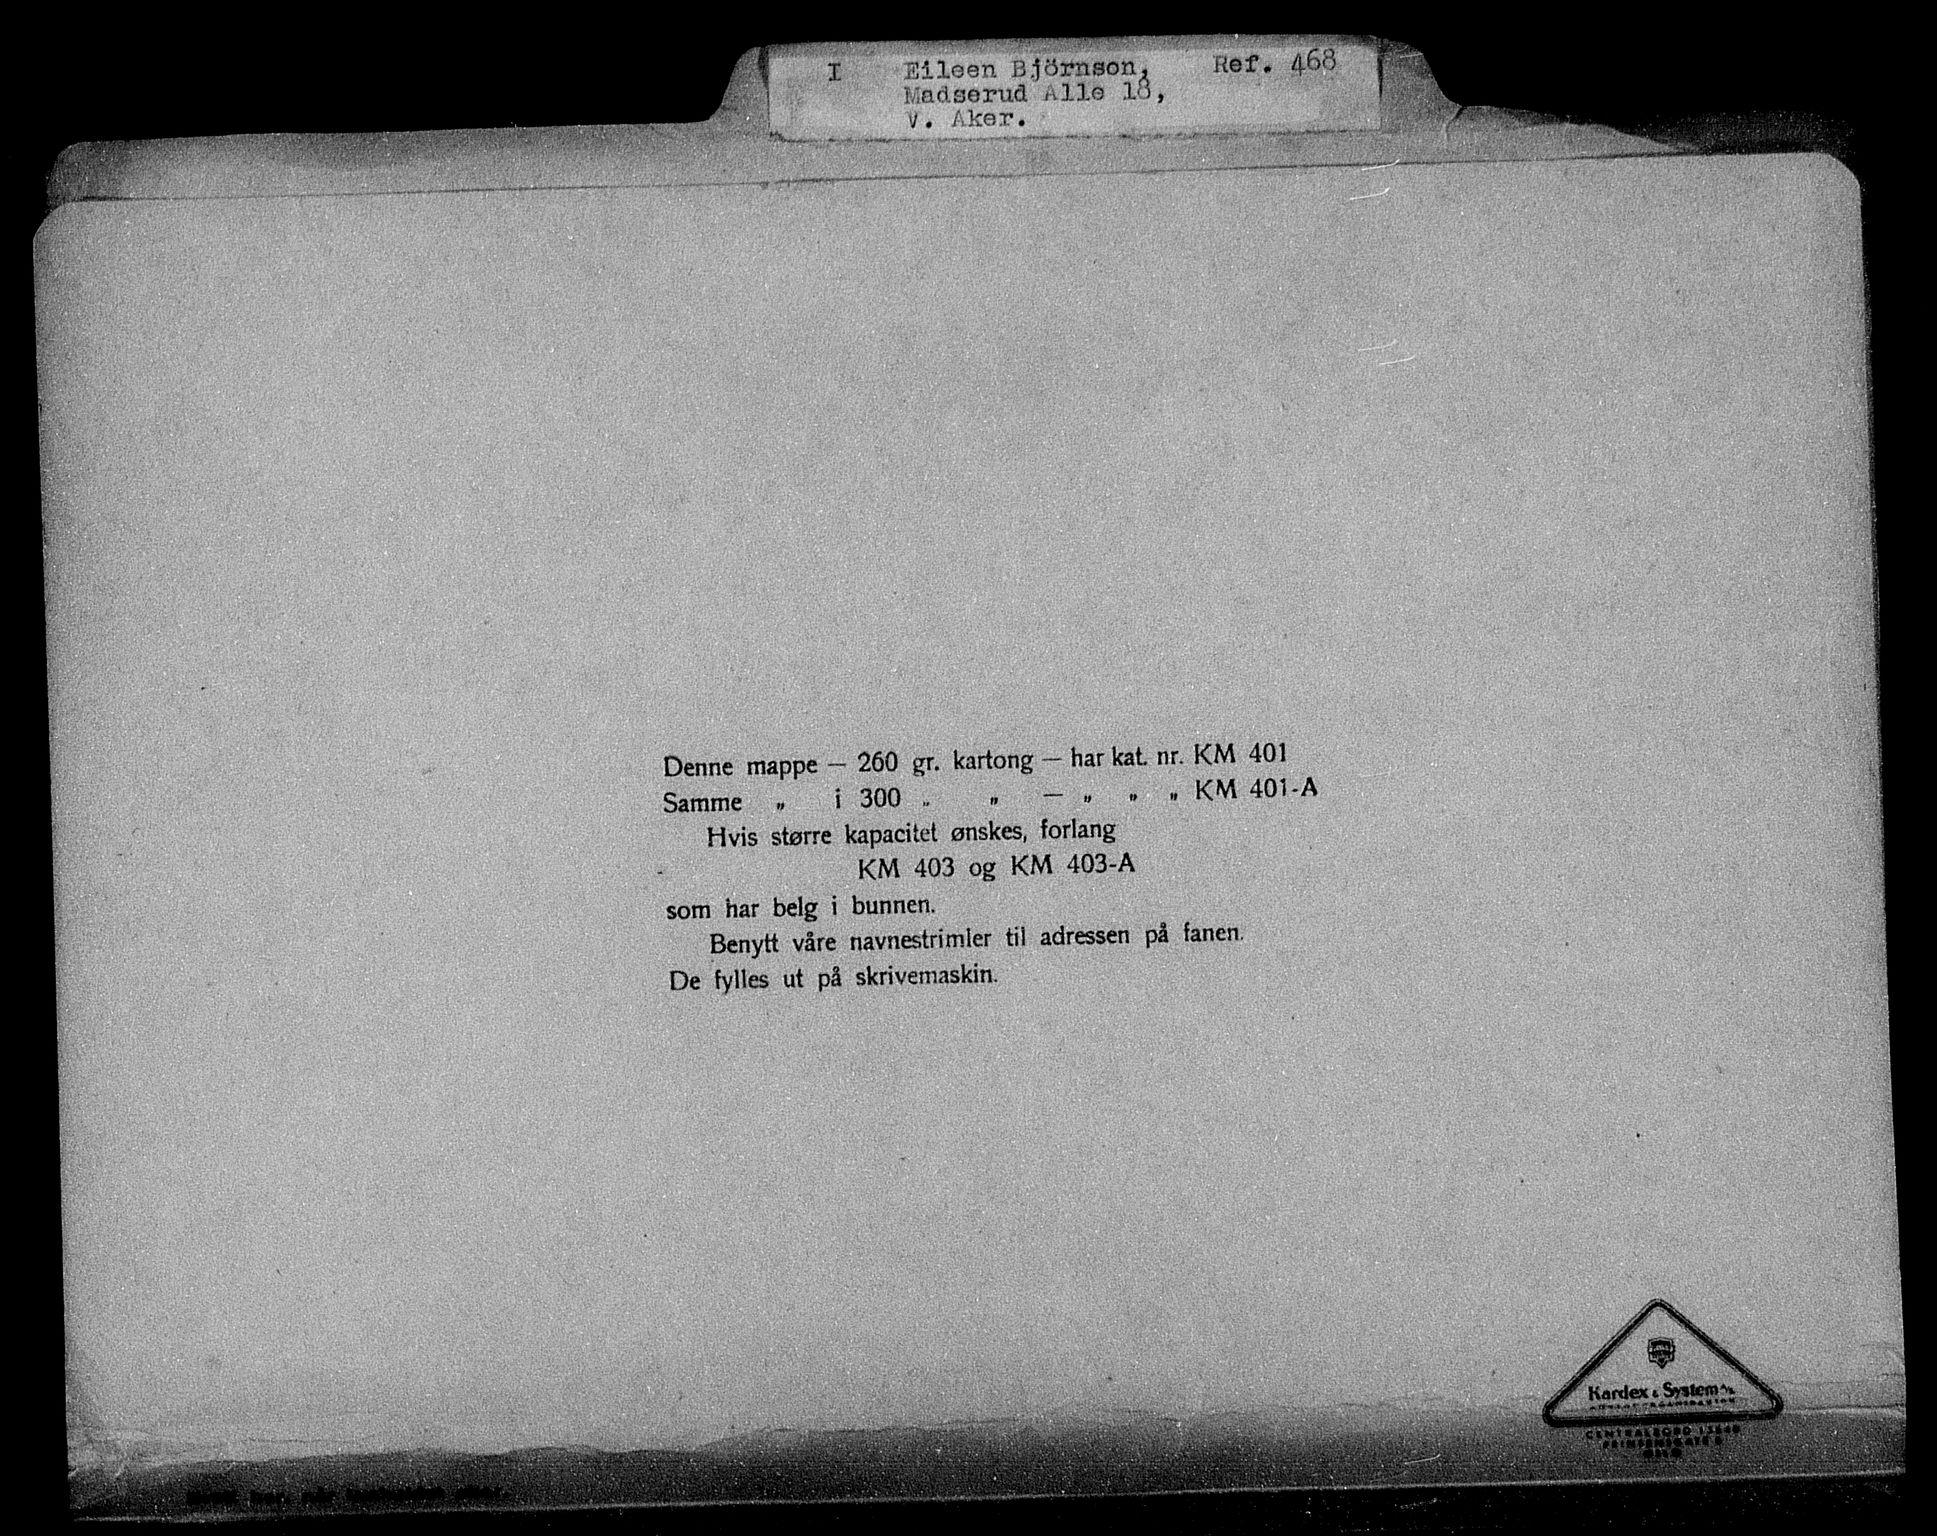 RA, Justisdepartementet, Tilbakeføringskontoret for inndratte formuer, H/Hc/Hcc/L0925: --, 1945-1947, s. 2